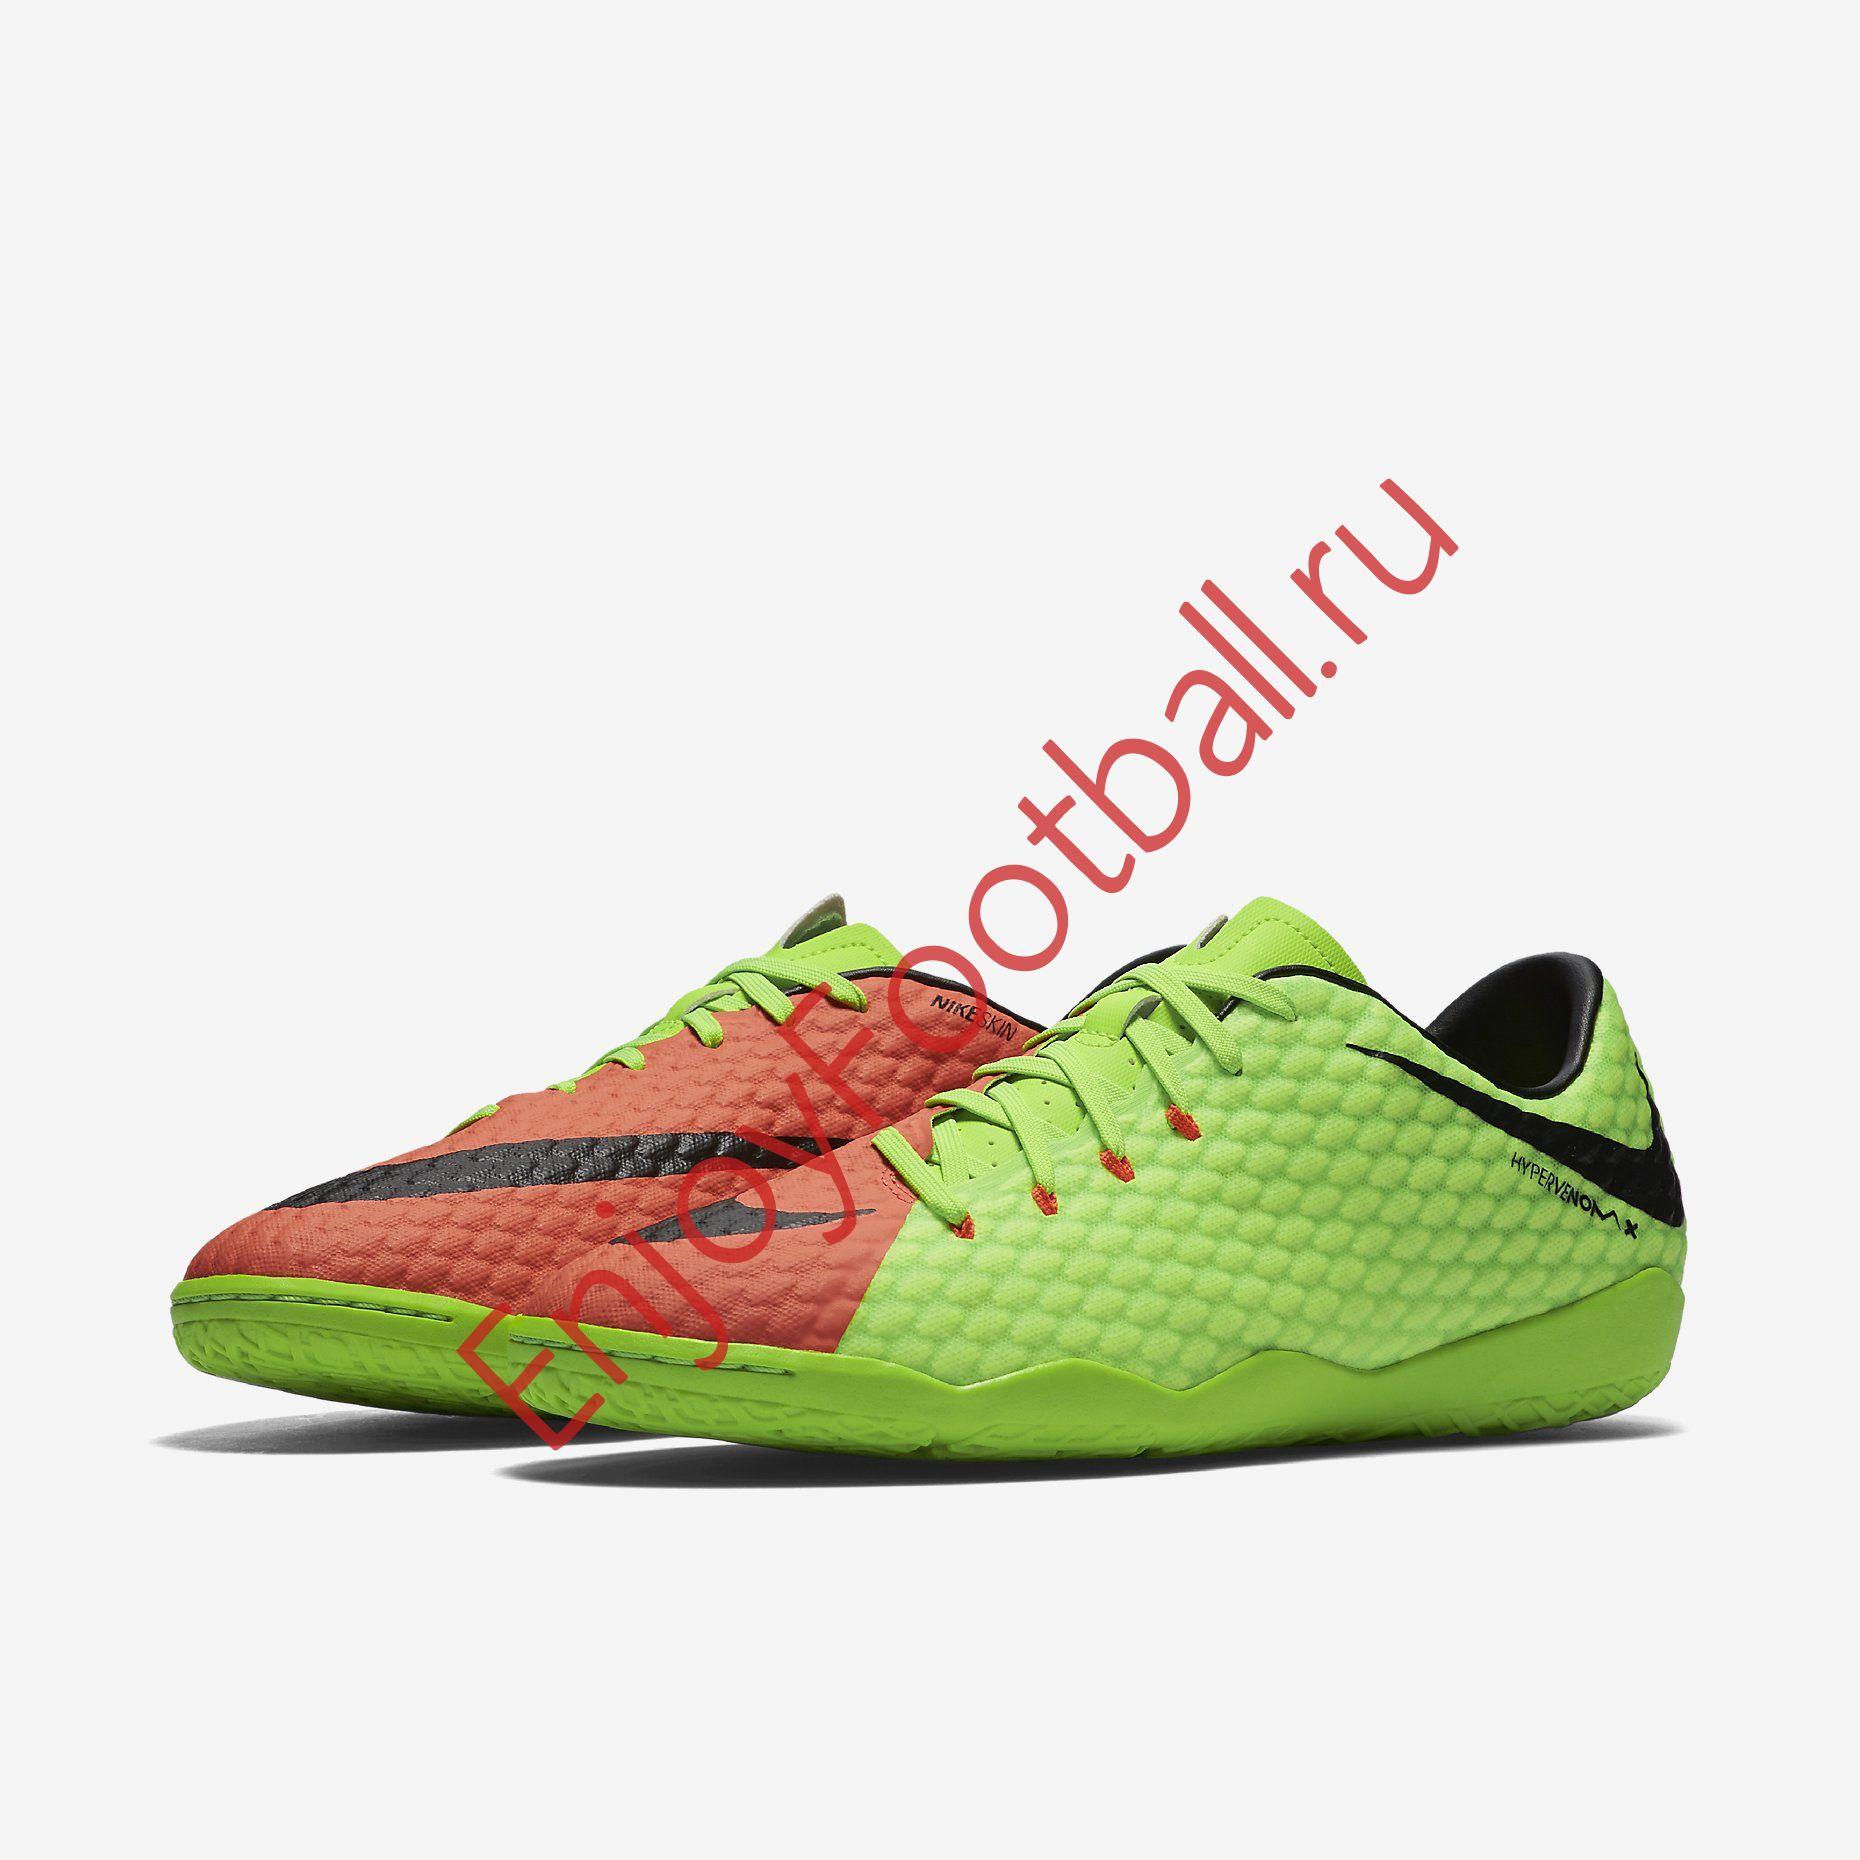 1810217f9a13b5 Обувь для зала Nike HypervenomX Phelon 3 852563-308 SR — купить зеленые  футзалки Гипервеном ...